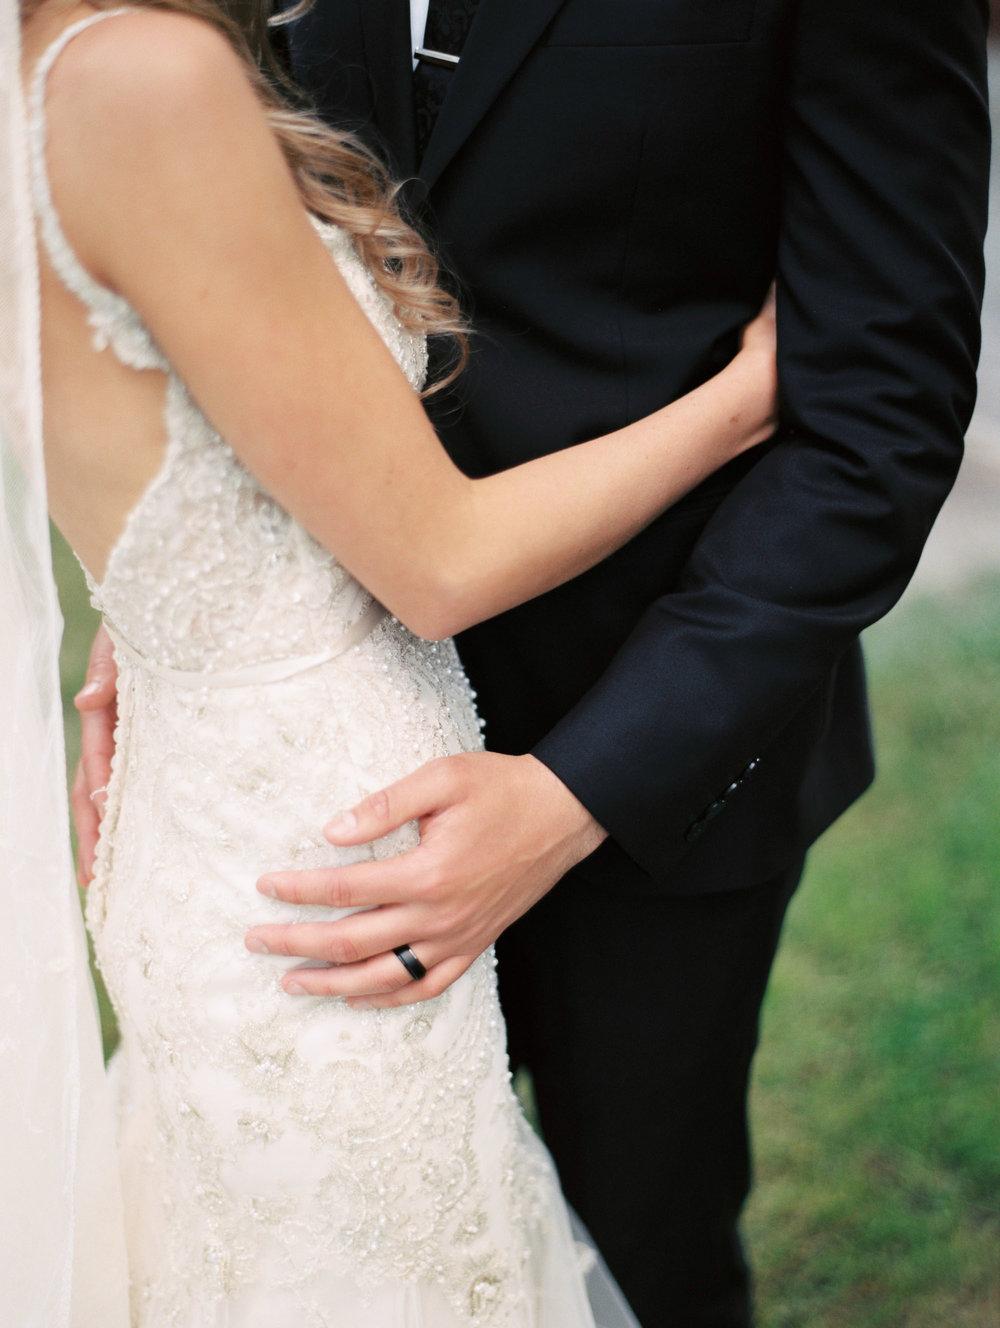 Whitehouse-hahndorf-wedding-photography-082.jpg